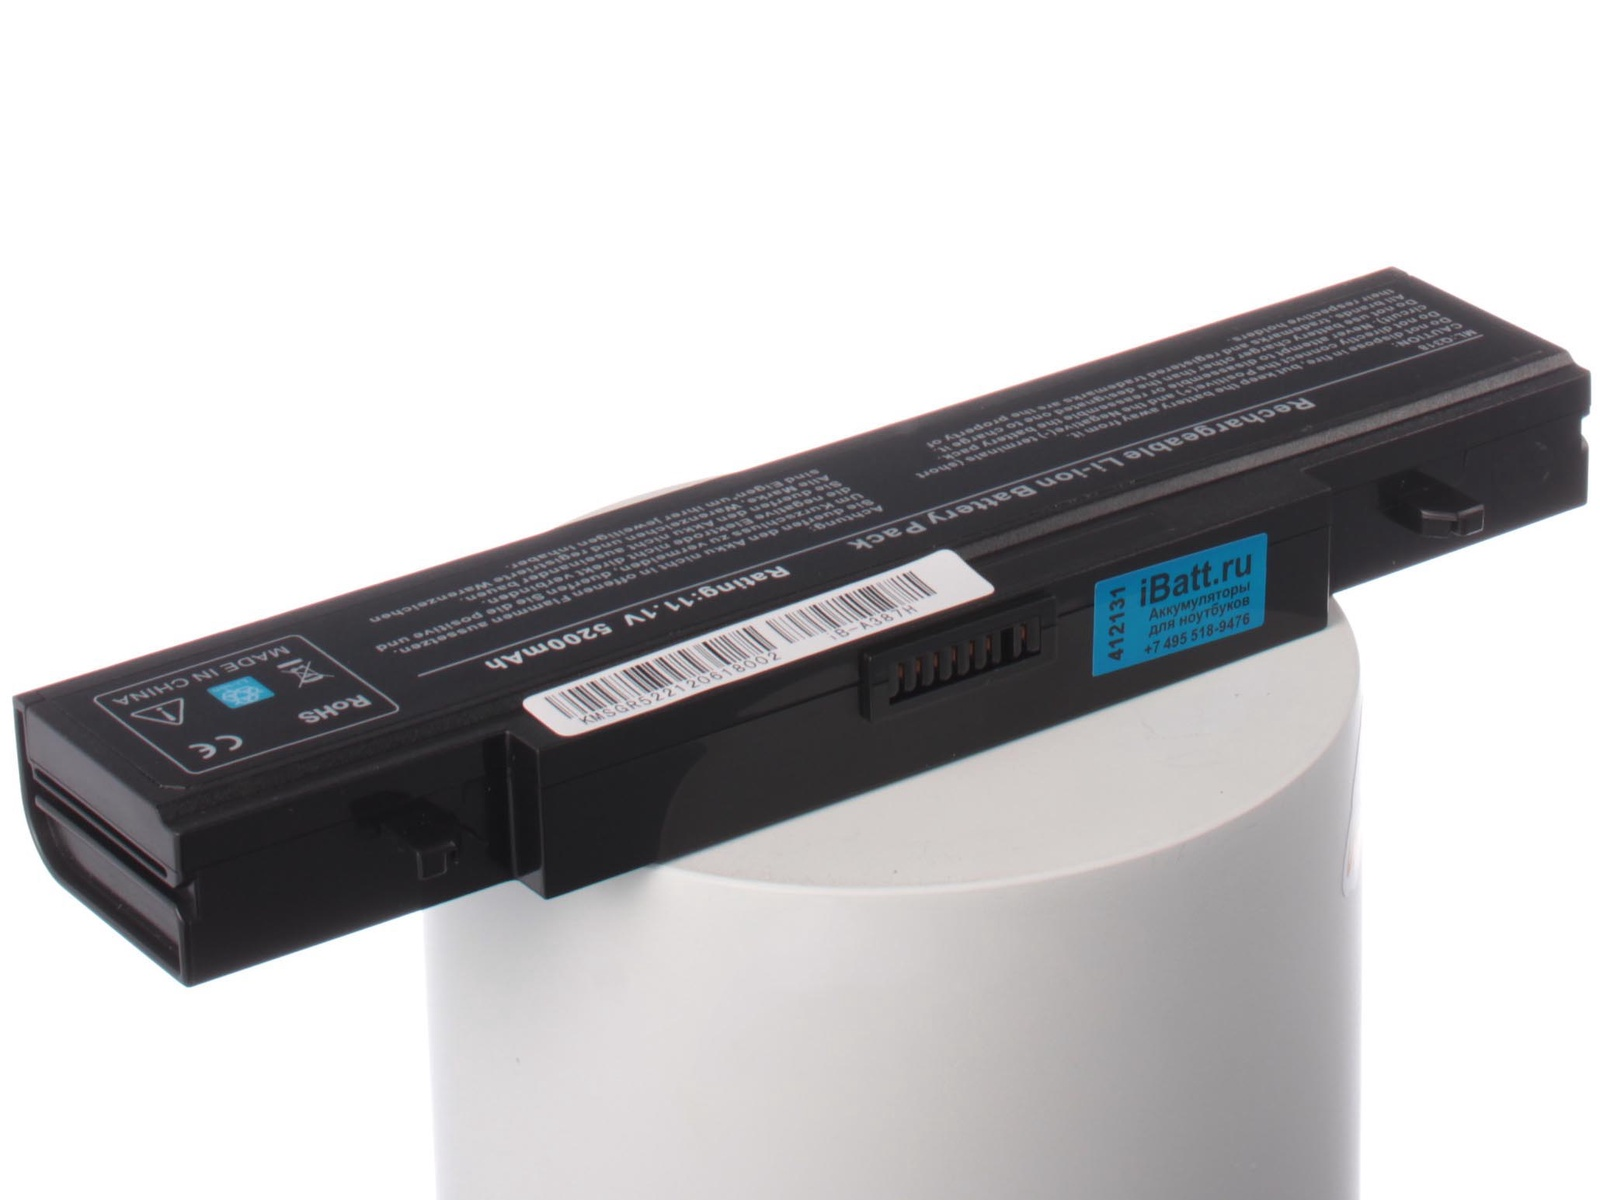 Аккумулятор для ноутбука iBatt для Samsung 350V5X-S01, R425-JU02, SA31, 300V5A-S19, R540-JT02, NP-R505, R540-JS09, 300E5A-A06, 355V5C-S04, 300E4A-A05, 355V5C-S0M, P580 PRO, 300E5C-A0D, 355V5X-S02, R525-JT03, RV515-S09, R525-JV01 аккумулятор для ноутбука anybatt для samsung 305v5a t08 350e7c a02 r528 ds01 300v5a s0u np r620 r525 js02ru r425 jt01 r428 da02 300e5a s09 ativ book 2 270e5e r429 300e5a a04 300e5c a03 355v5c s0n 300e5c u03 350v4c